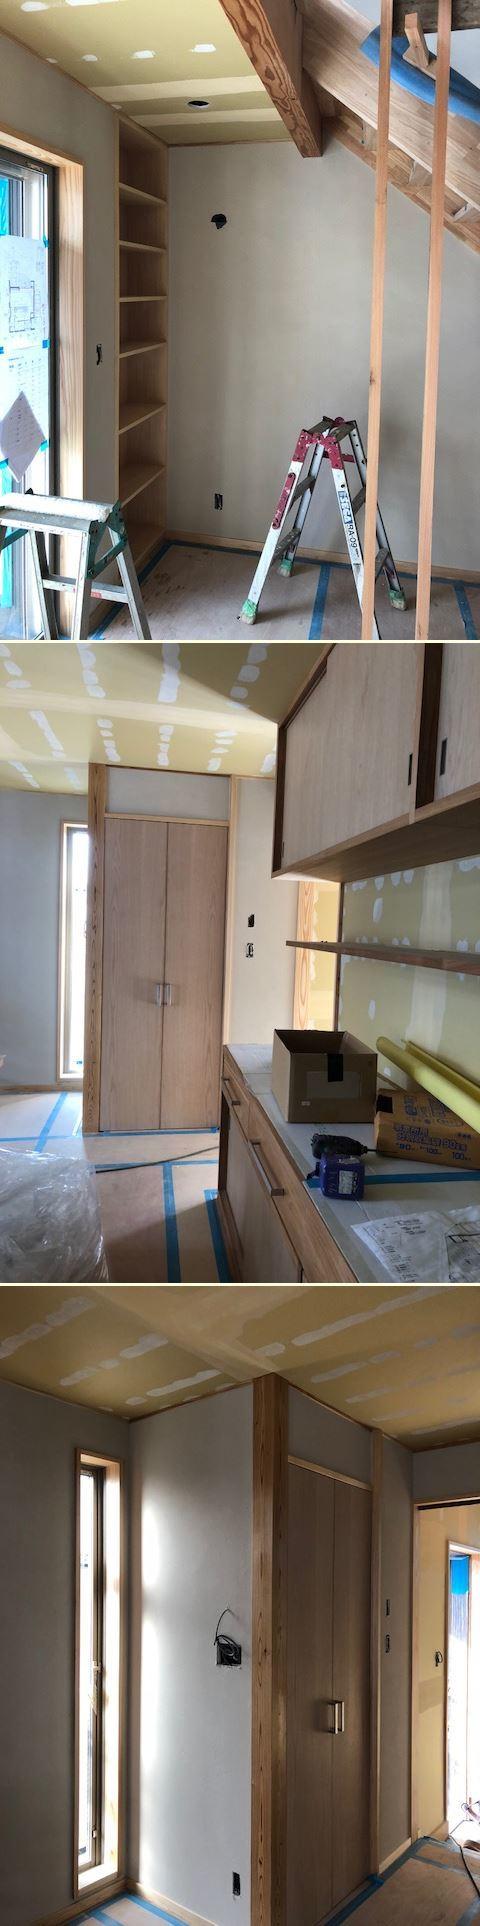 厚木市妻田の家☆建具工事が始まっていました_c0152341_15154343.jpg